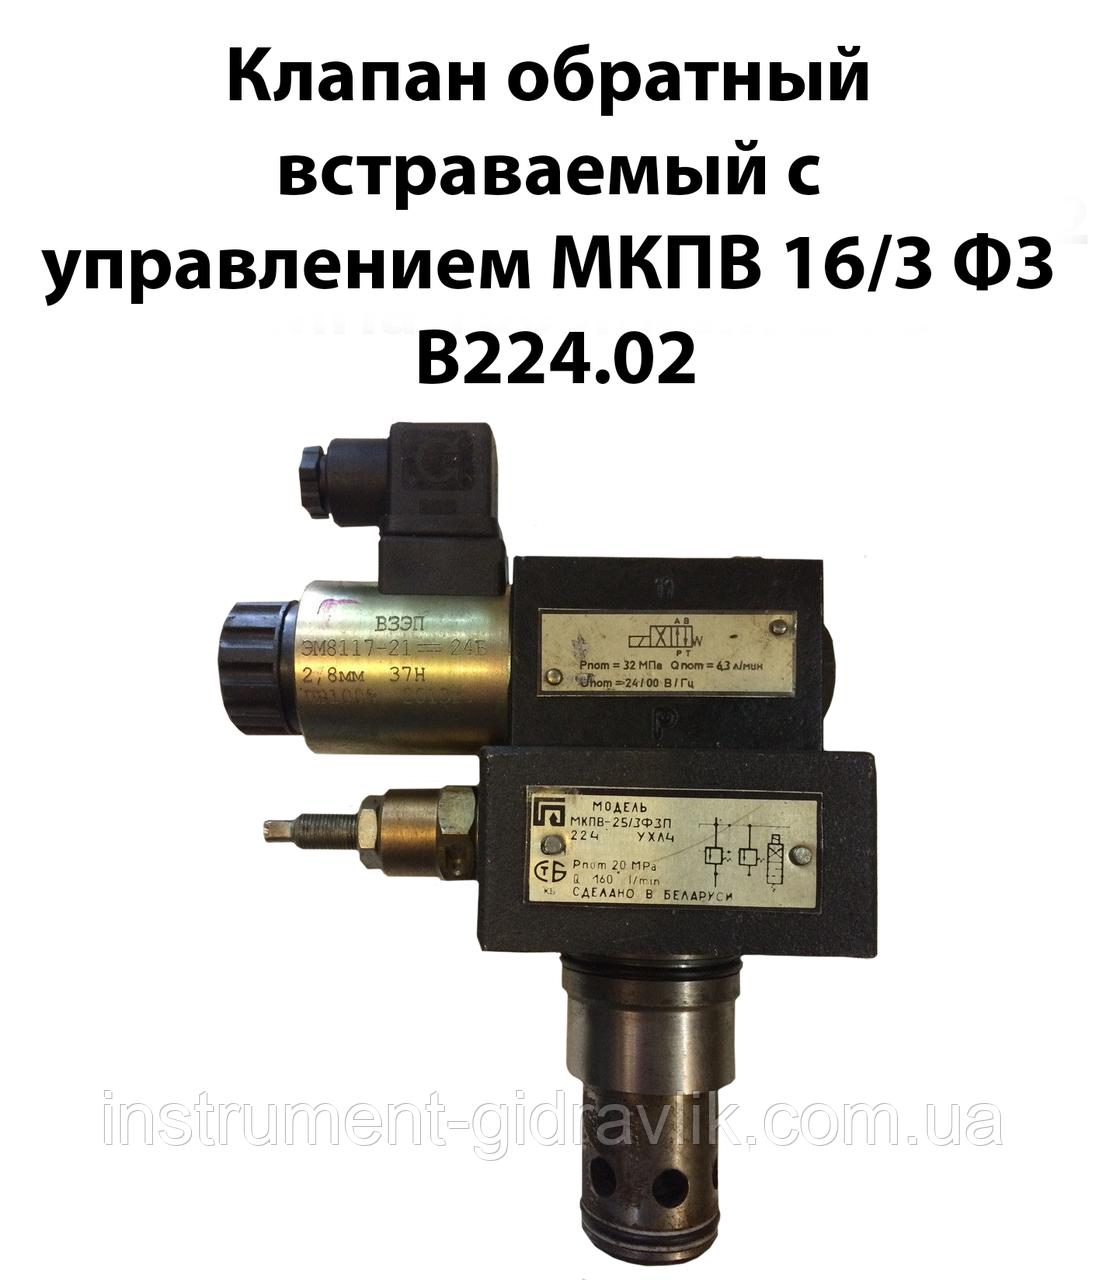 Клапан обратный встраиваемый с управлением МКПВ 16/3 Ф3 В 224.02